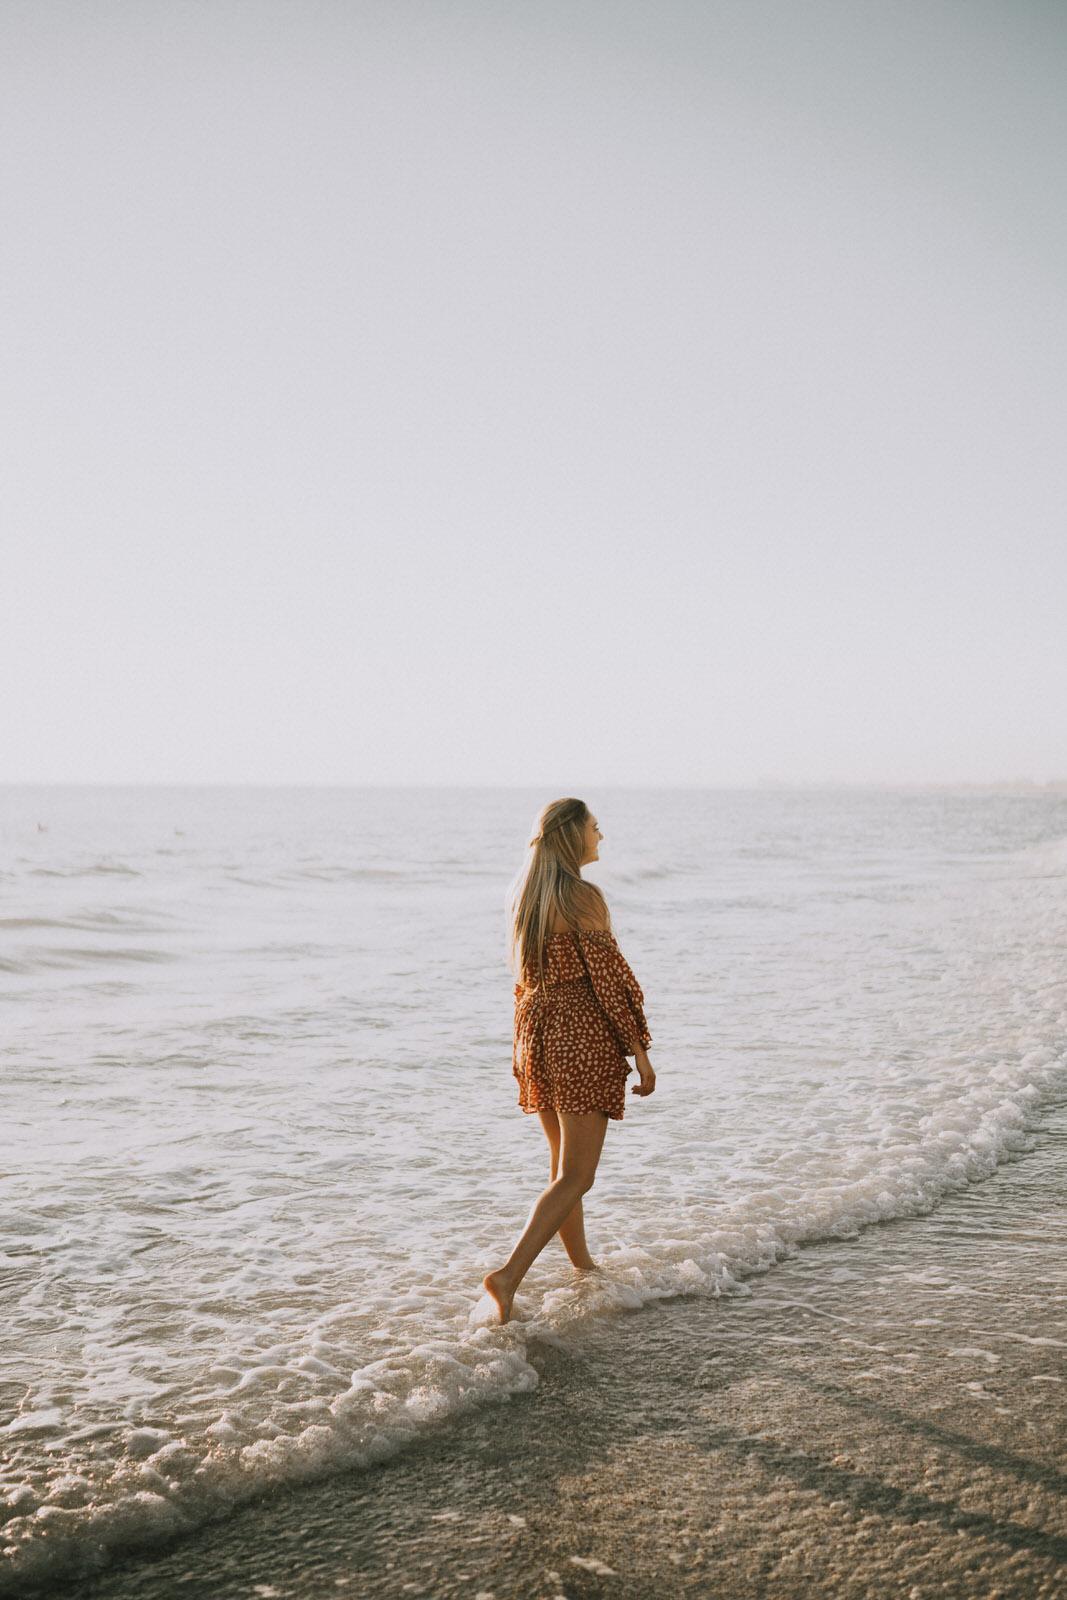 Fort Myers Senior Photos on Bonita Beach - Michelle Gonzalez Photography - Skyler Hart-106.JPG